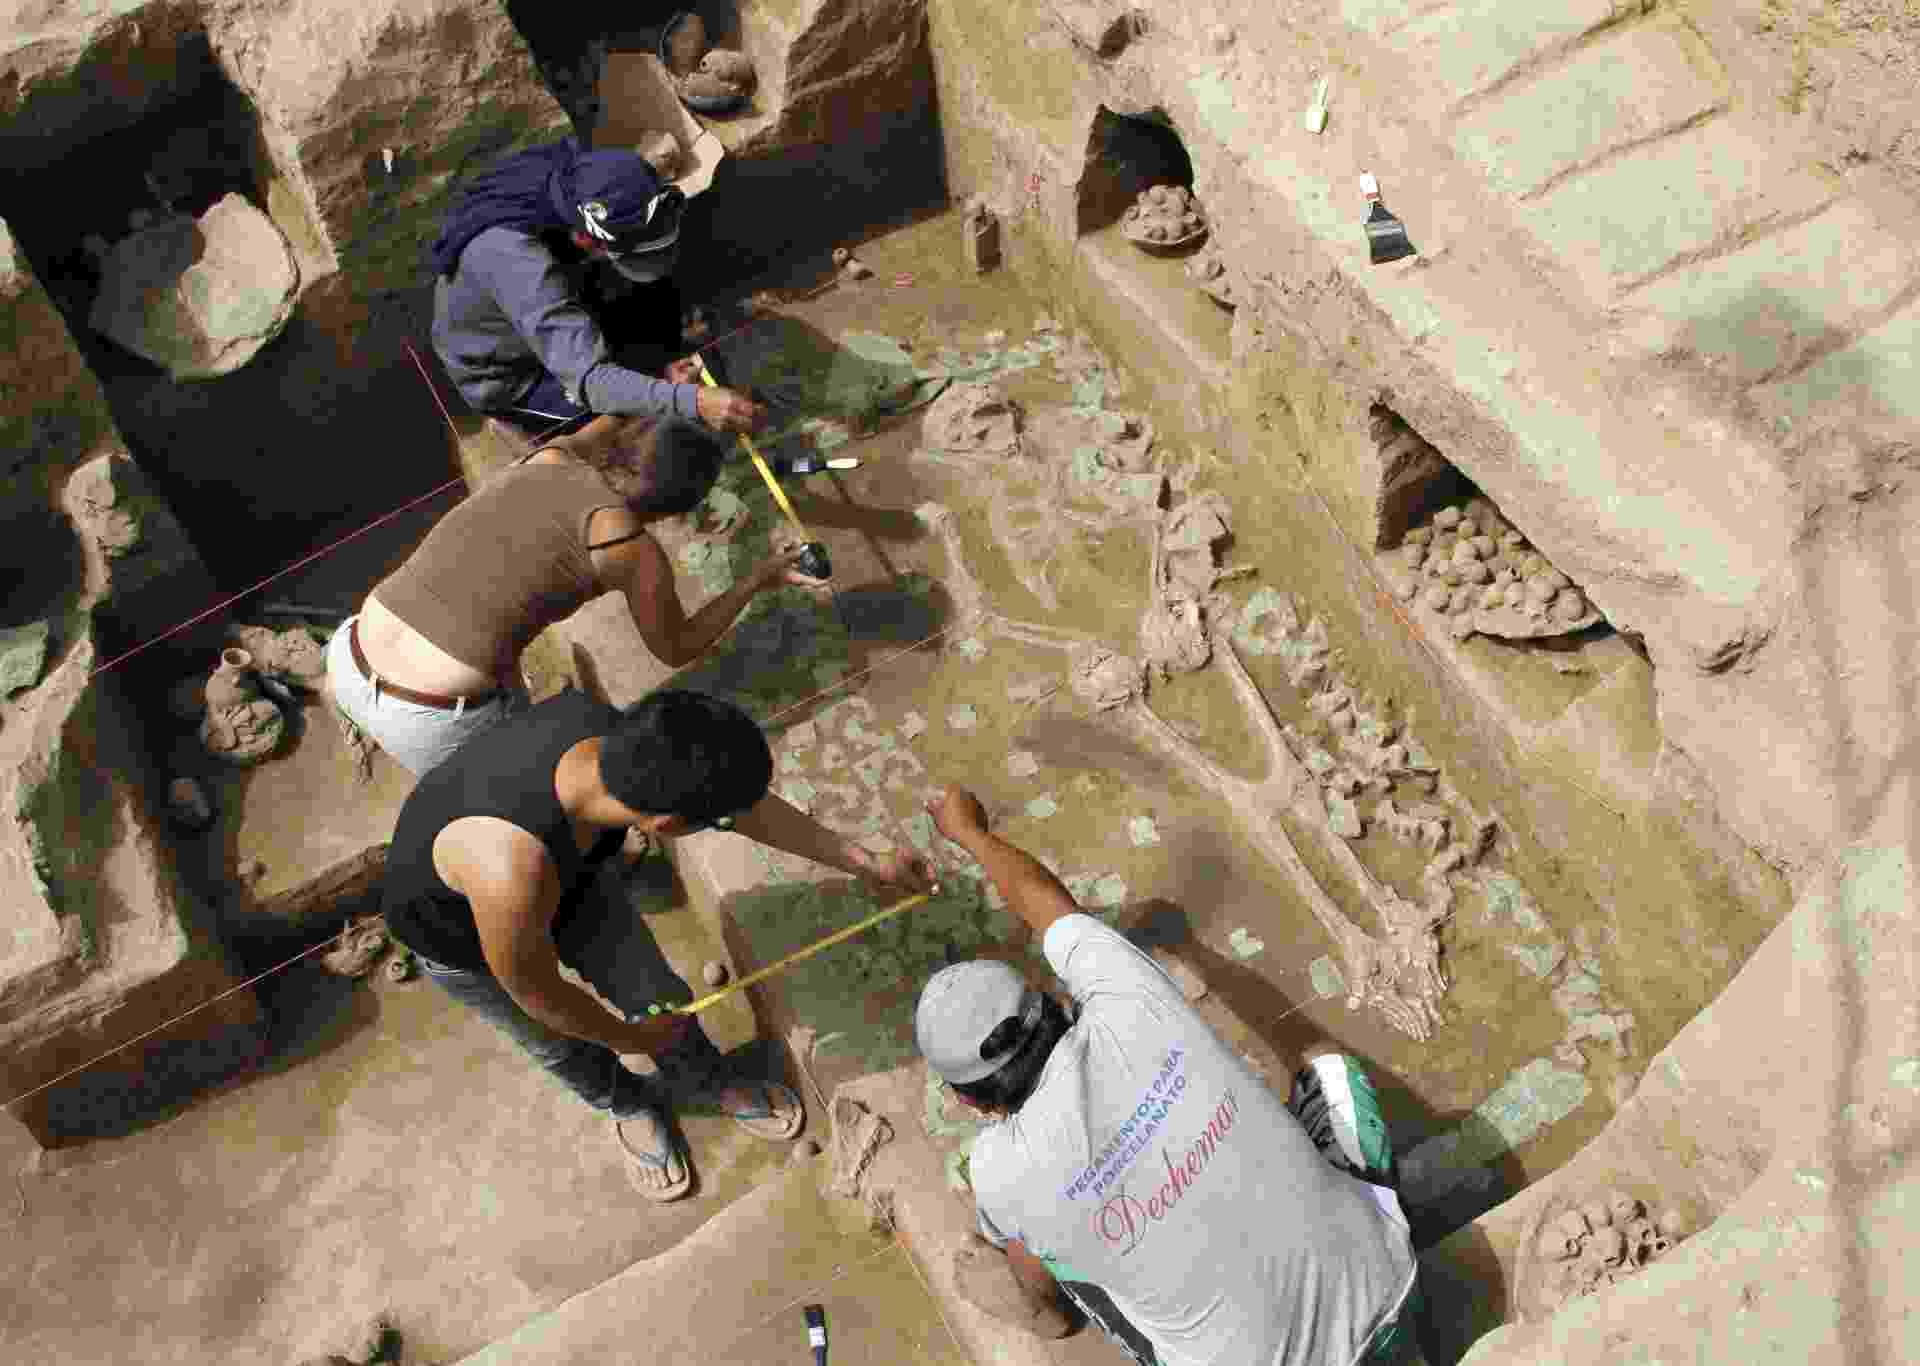 22.ago.2013 - Trabalhadores removem poeira e detritos de uma câmara funerária pré-hispânica achada no mês passado na província de Chepén, na região La Libertad, no Norte do Peru. A ossada de uma sacerdotisa da cultura Moche (entre 200 d.C. e 700 d.C.) foi a oitava descoberta do tipo em um período de duas décadas, confirmando que as mulheres governavam a região há 1.200 anos - Douglas Suarez/AFP